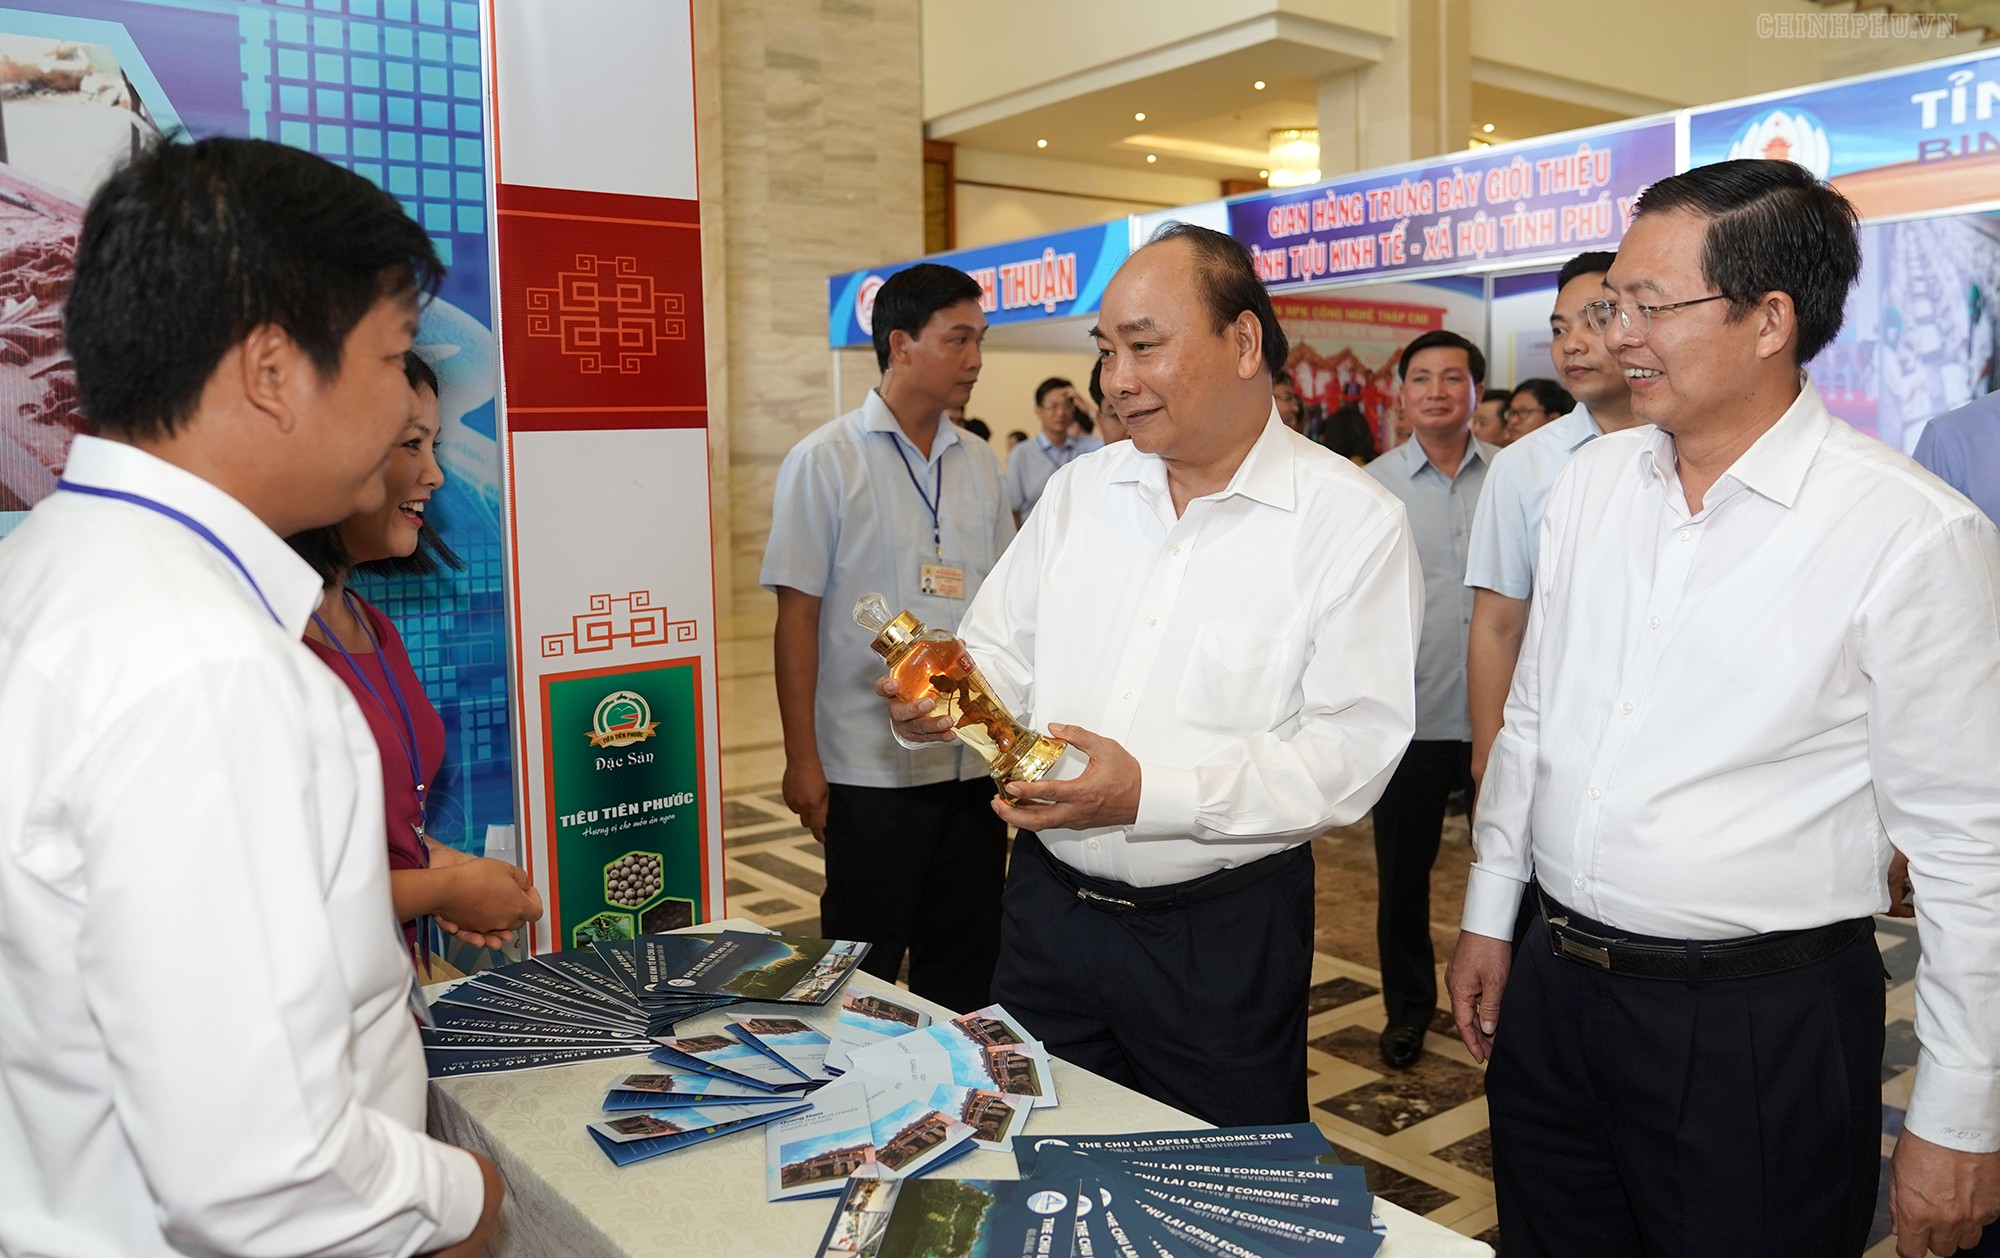 Thủ tướng chủ trì Hội nghị phát triển kinh tế miền Trung - Ảnh 2.